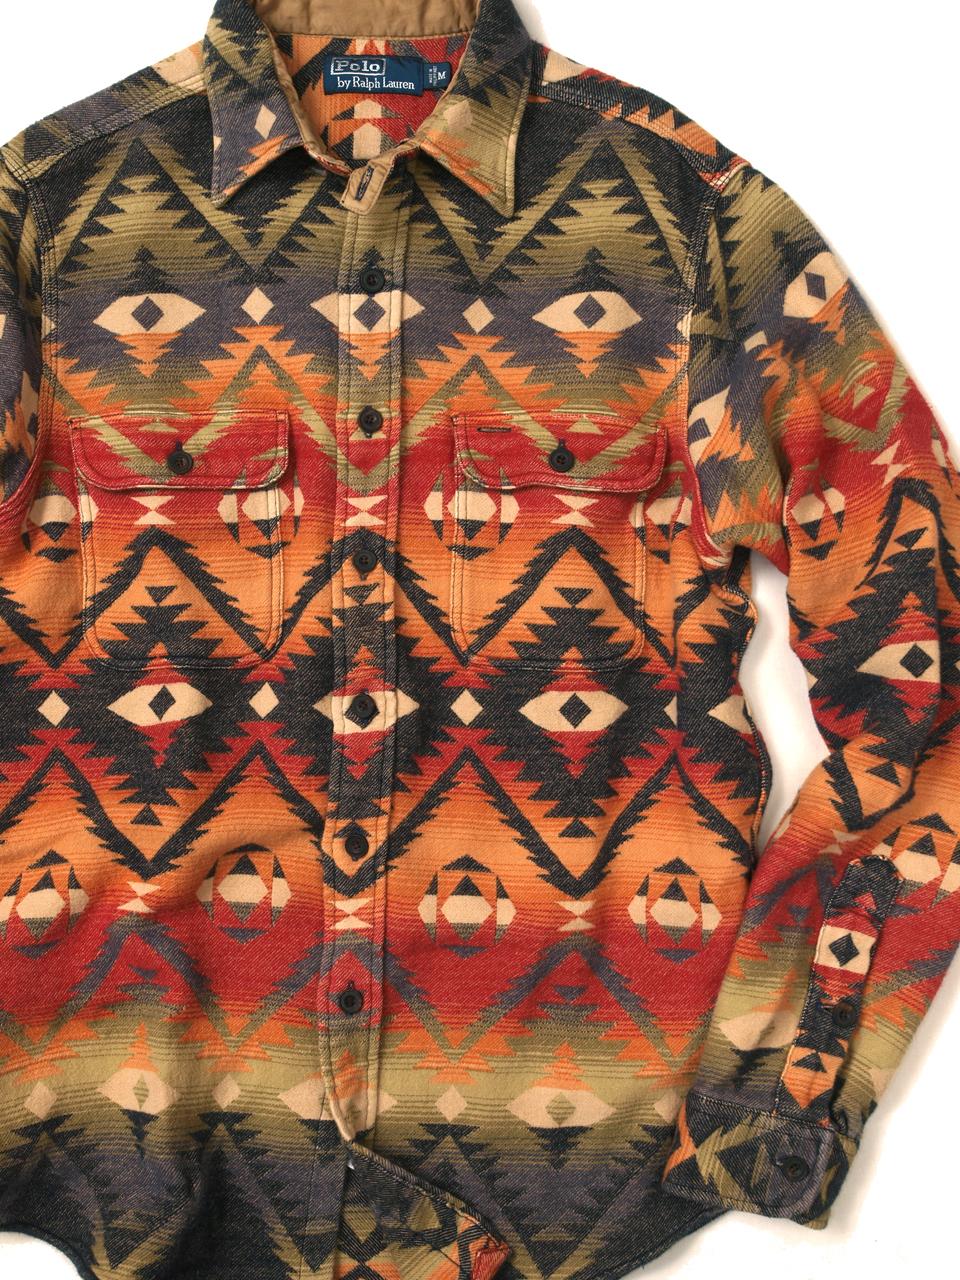 Ralph Lauren / Beacon Shirt